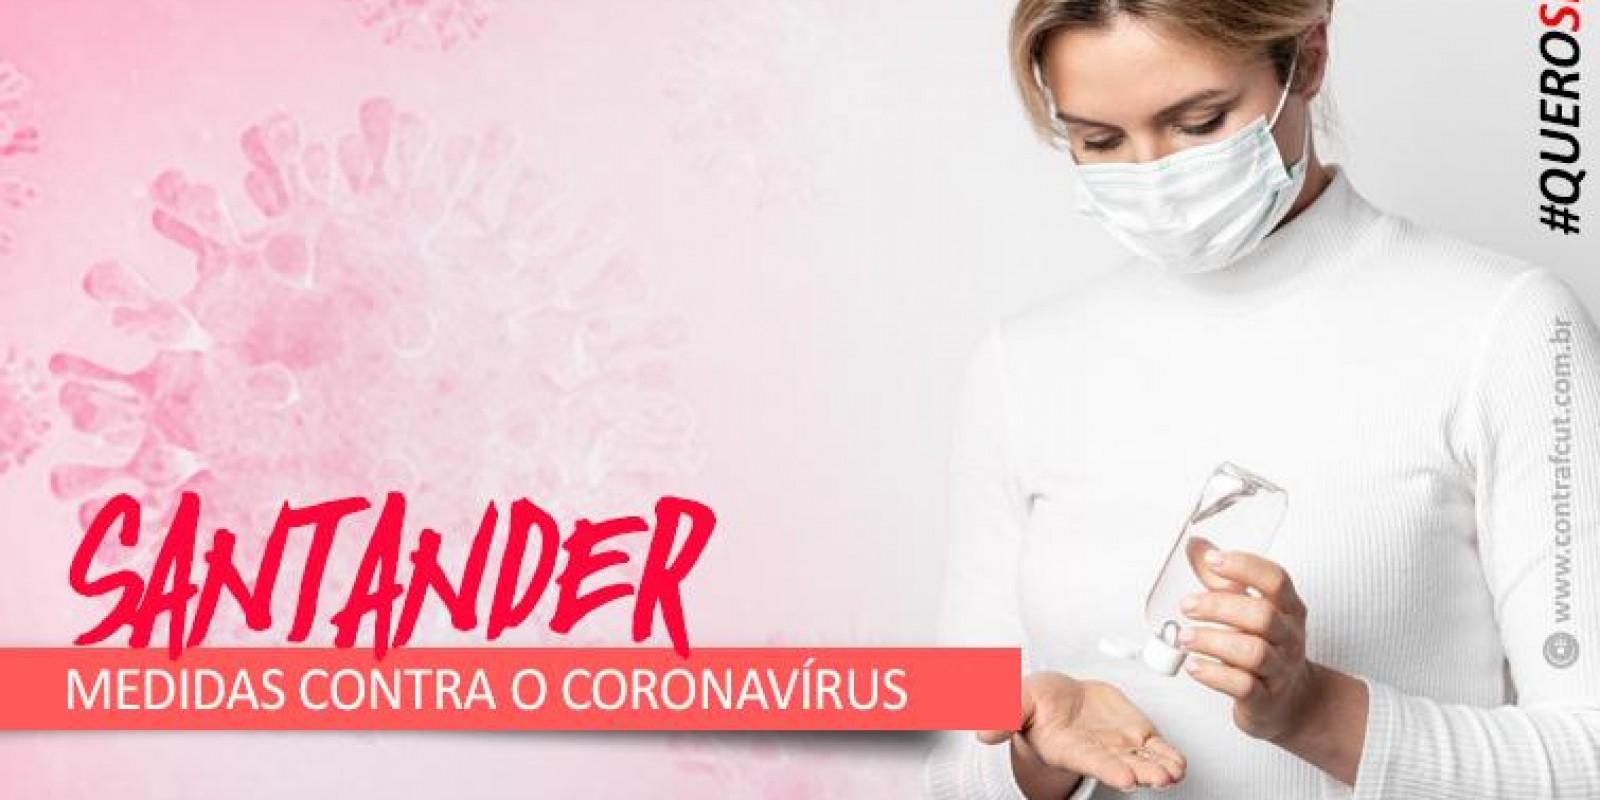 Coronavírus: Fechamento de agências e suspensão das demissões são algumas das medidas conquistadas junto ao Santander